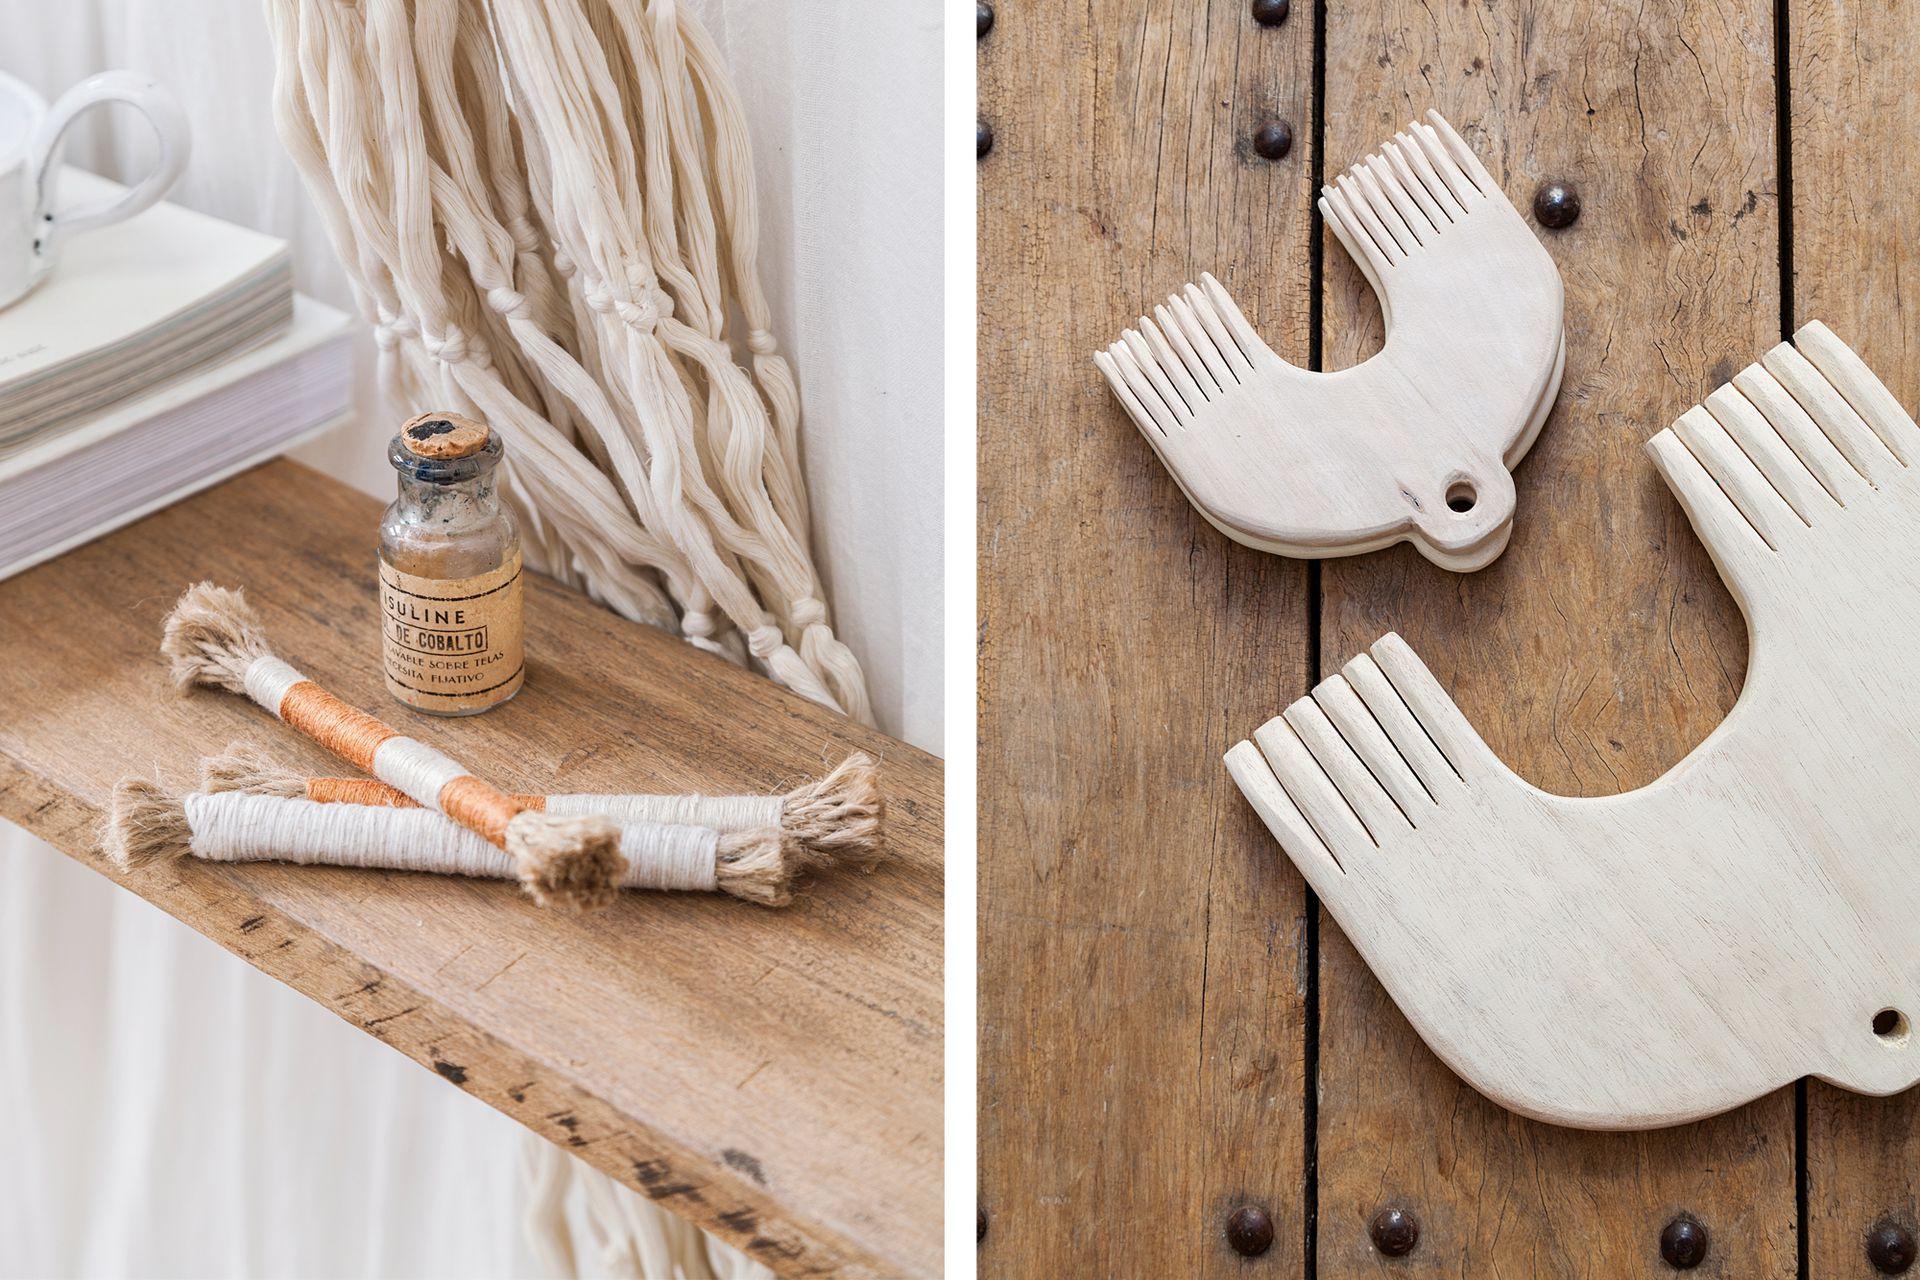 Objetos hechos de manera artesanal como los que hace Caro, pueblan una casa en la que se honran los buenos oficios. Peinetas (Estudio Mes)